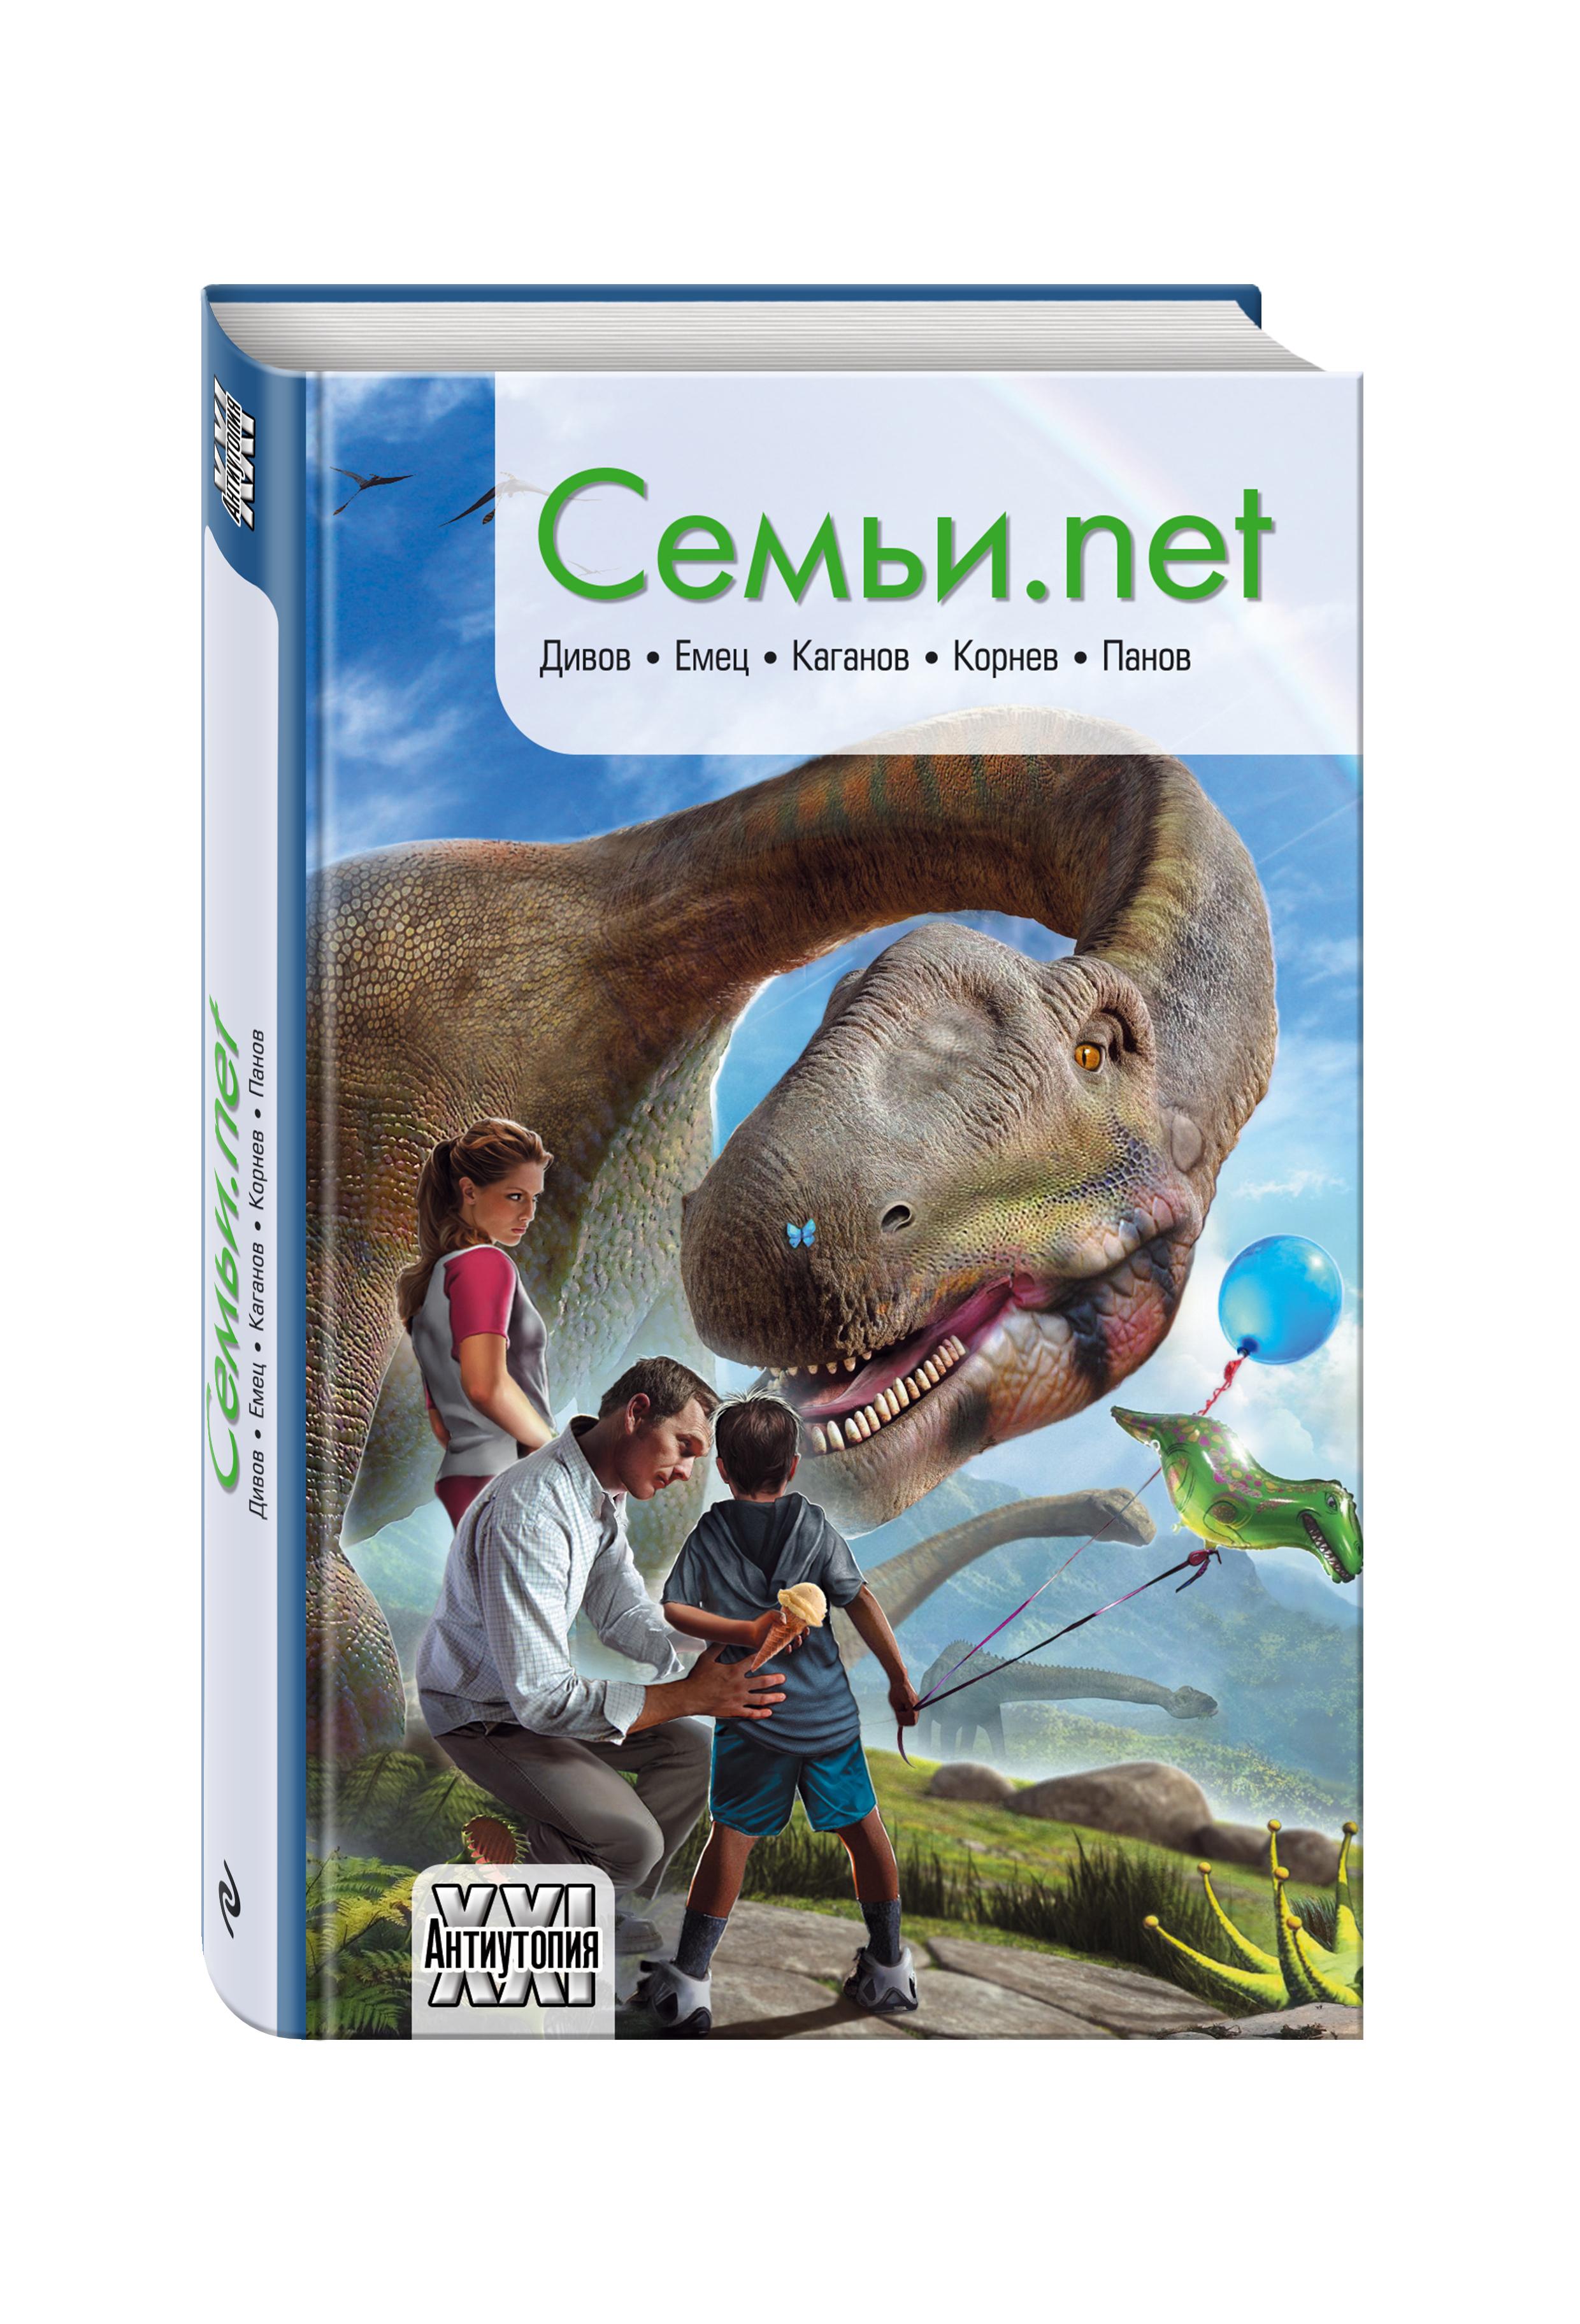 Дивов О., Емец Д., Каганов Л. и др. Семьи.net